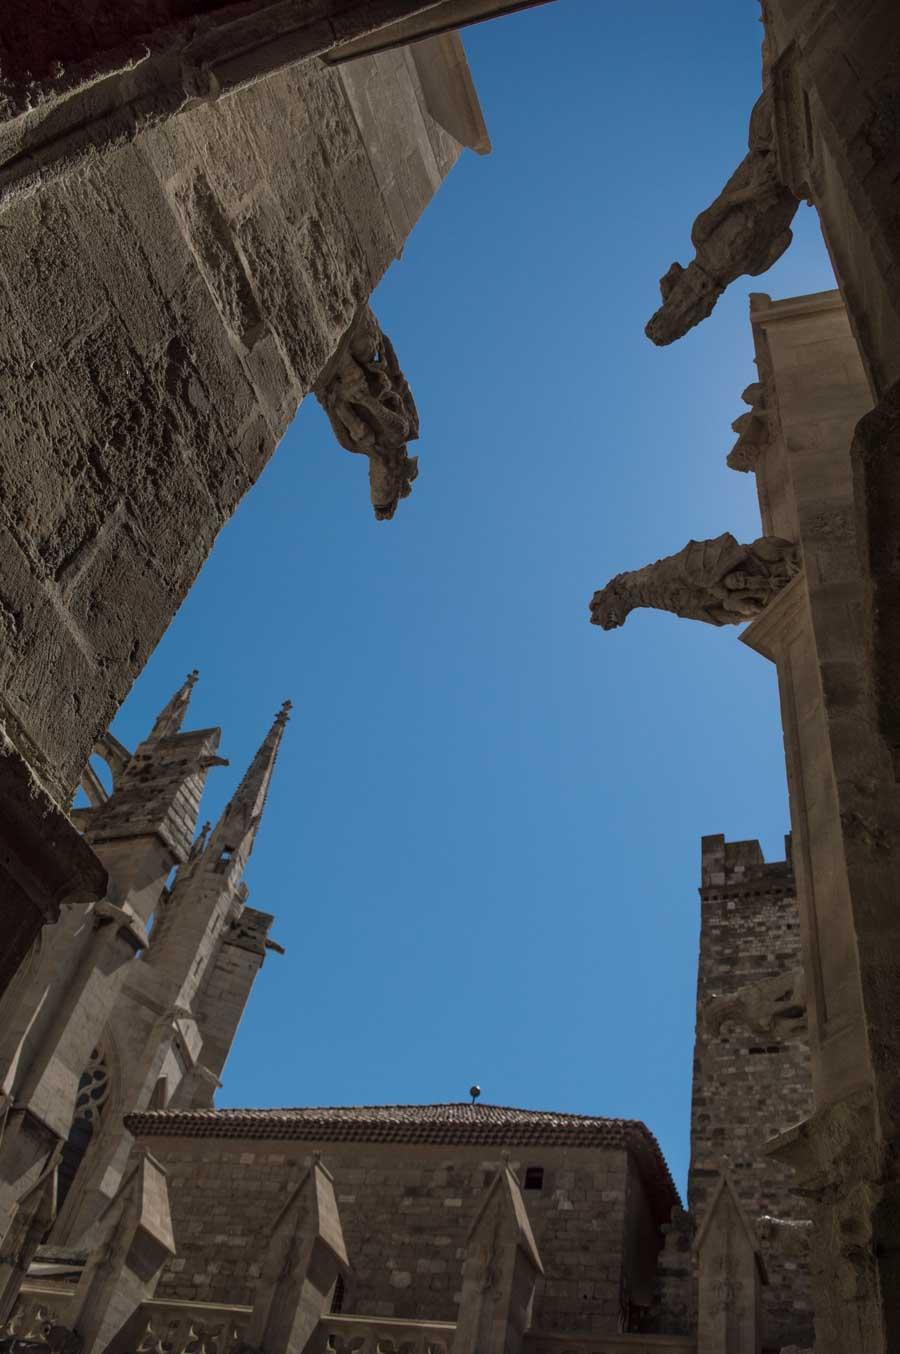 Las gárgolas de la catedral de Narbona